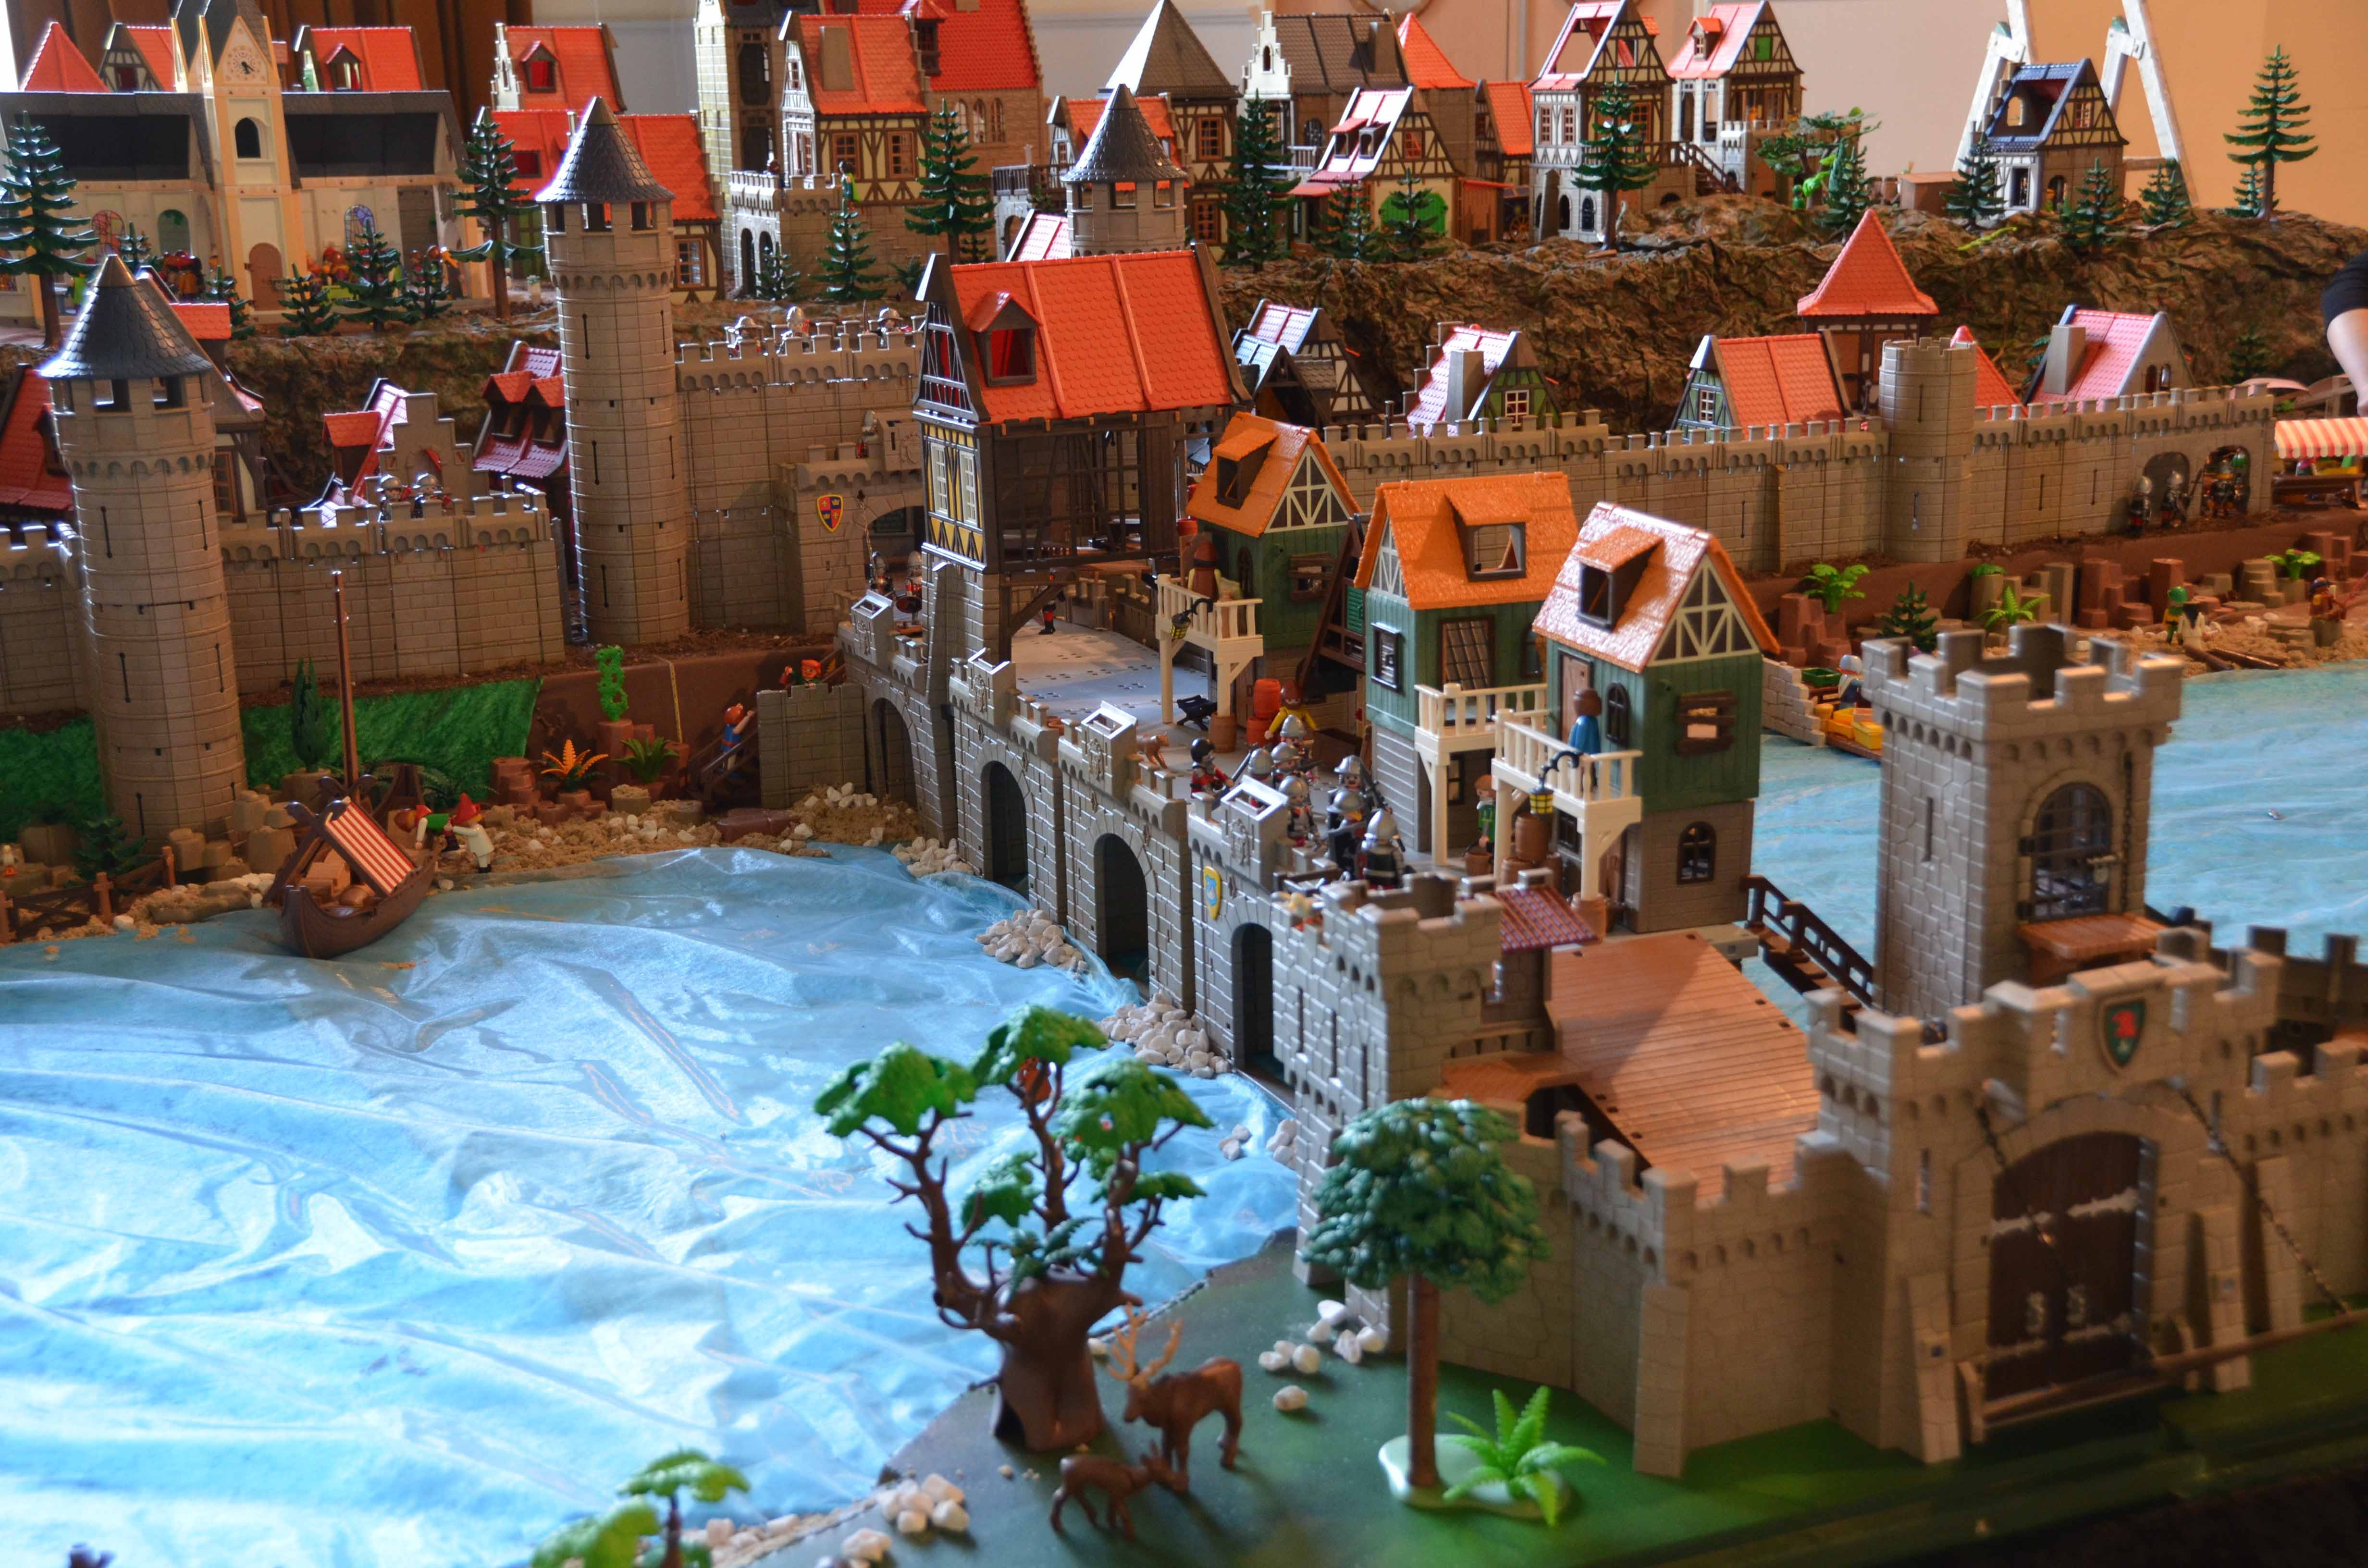 ... Exposition Playmobil Pour La Toussaint Au Chateau Du0027ancy Le Franc  Bourgogne Vacances Sortie Pour ...